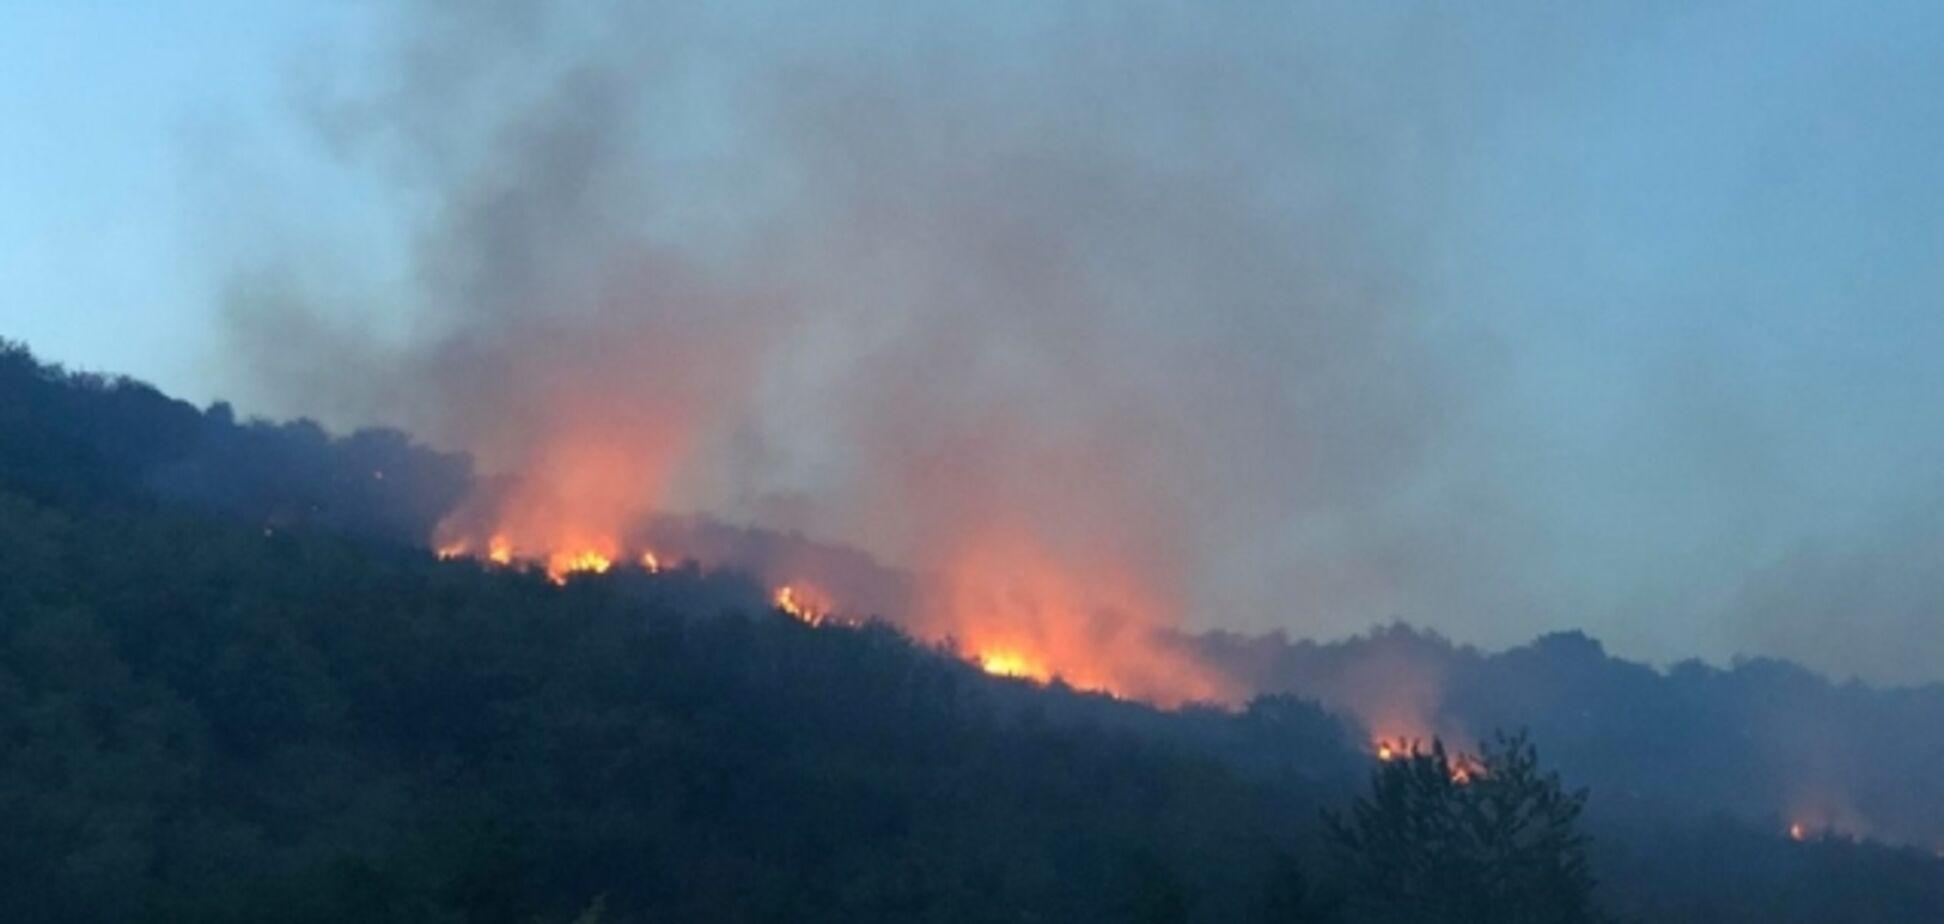 На Закарпатті потужна пожежа підібралася до лісу: фото вогняного Армагеддону